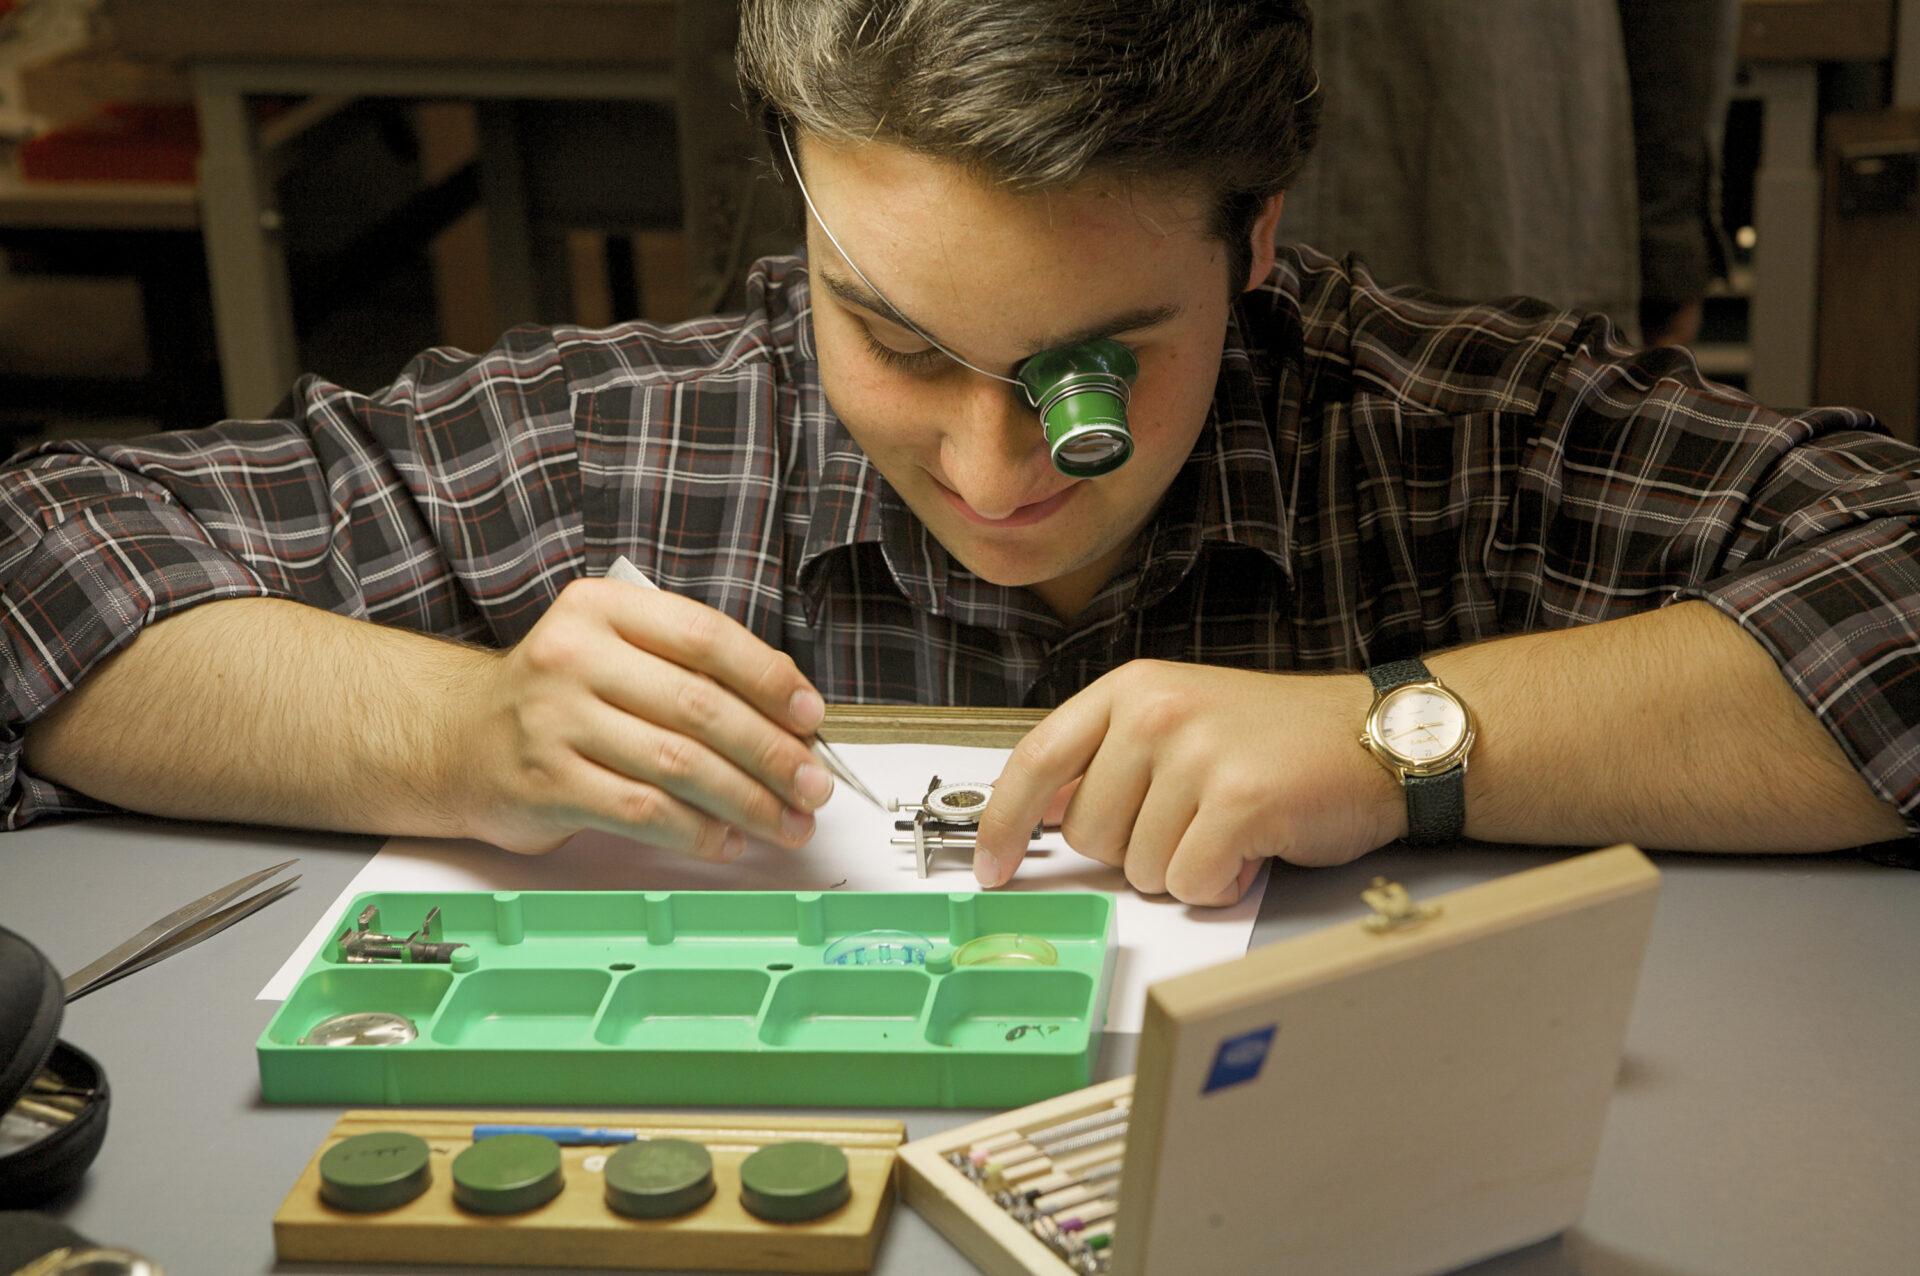 das Foto zeigt einen Auszubildendenbeim reparieren einer Uhr